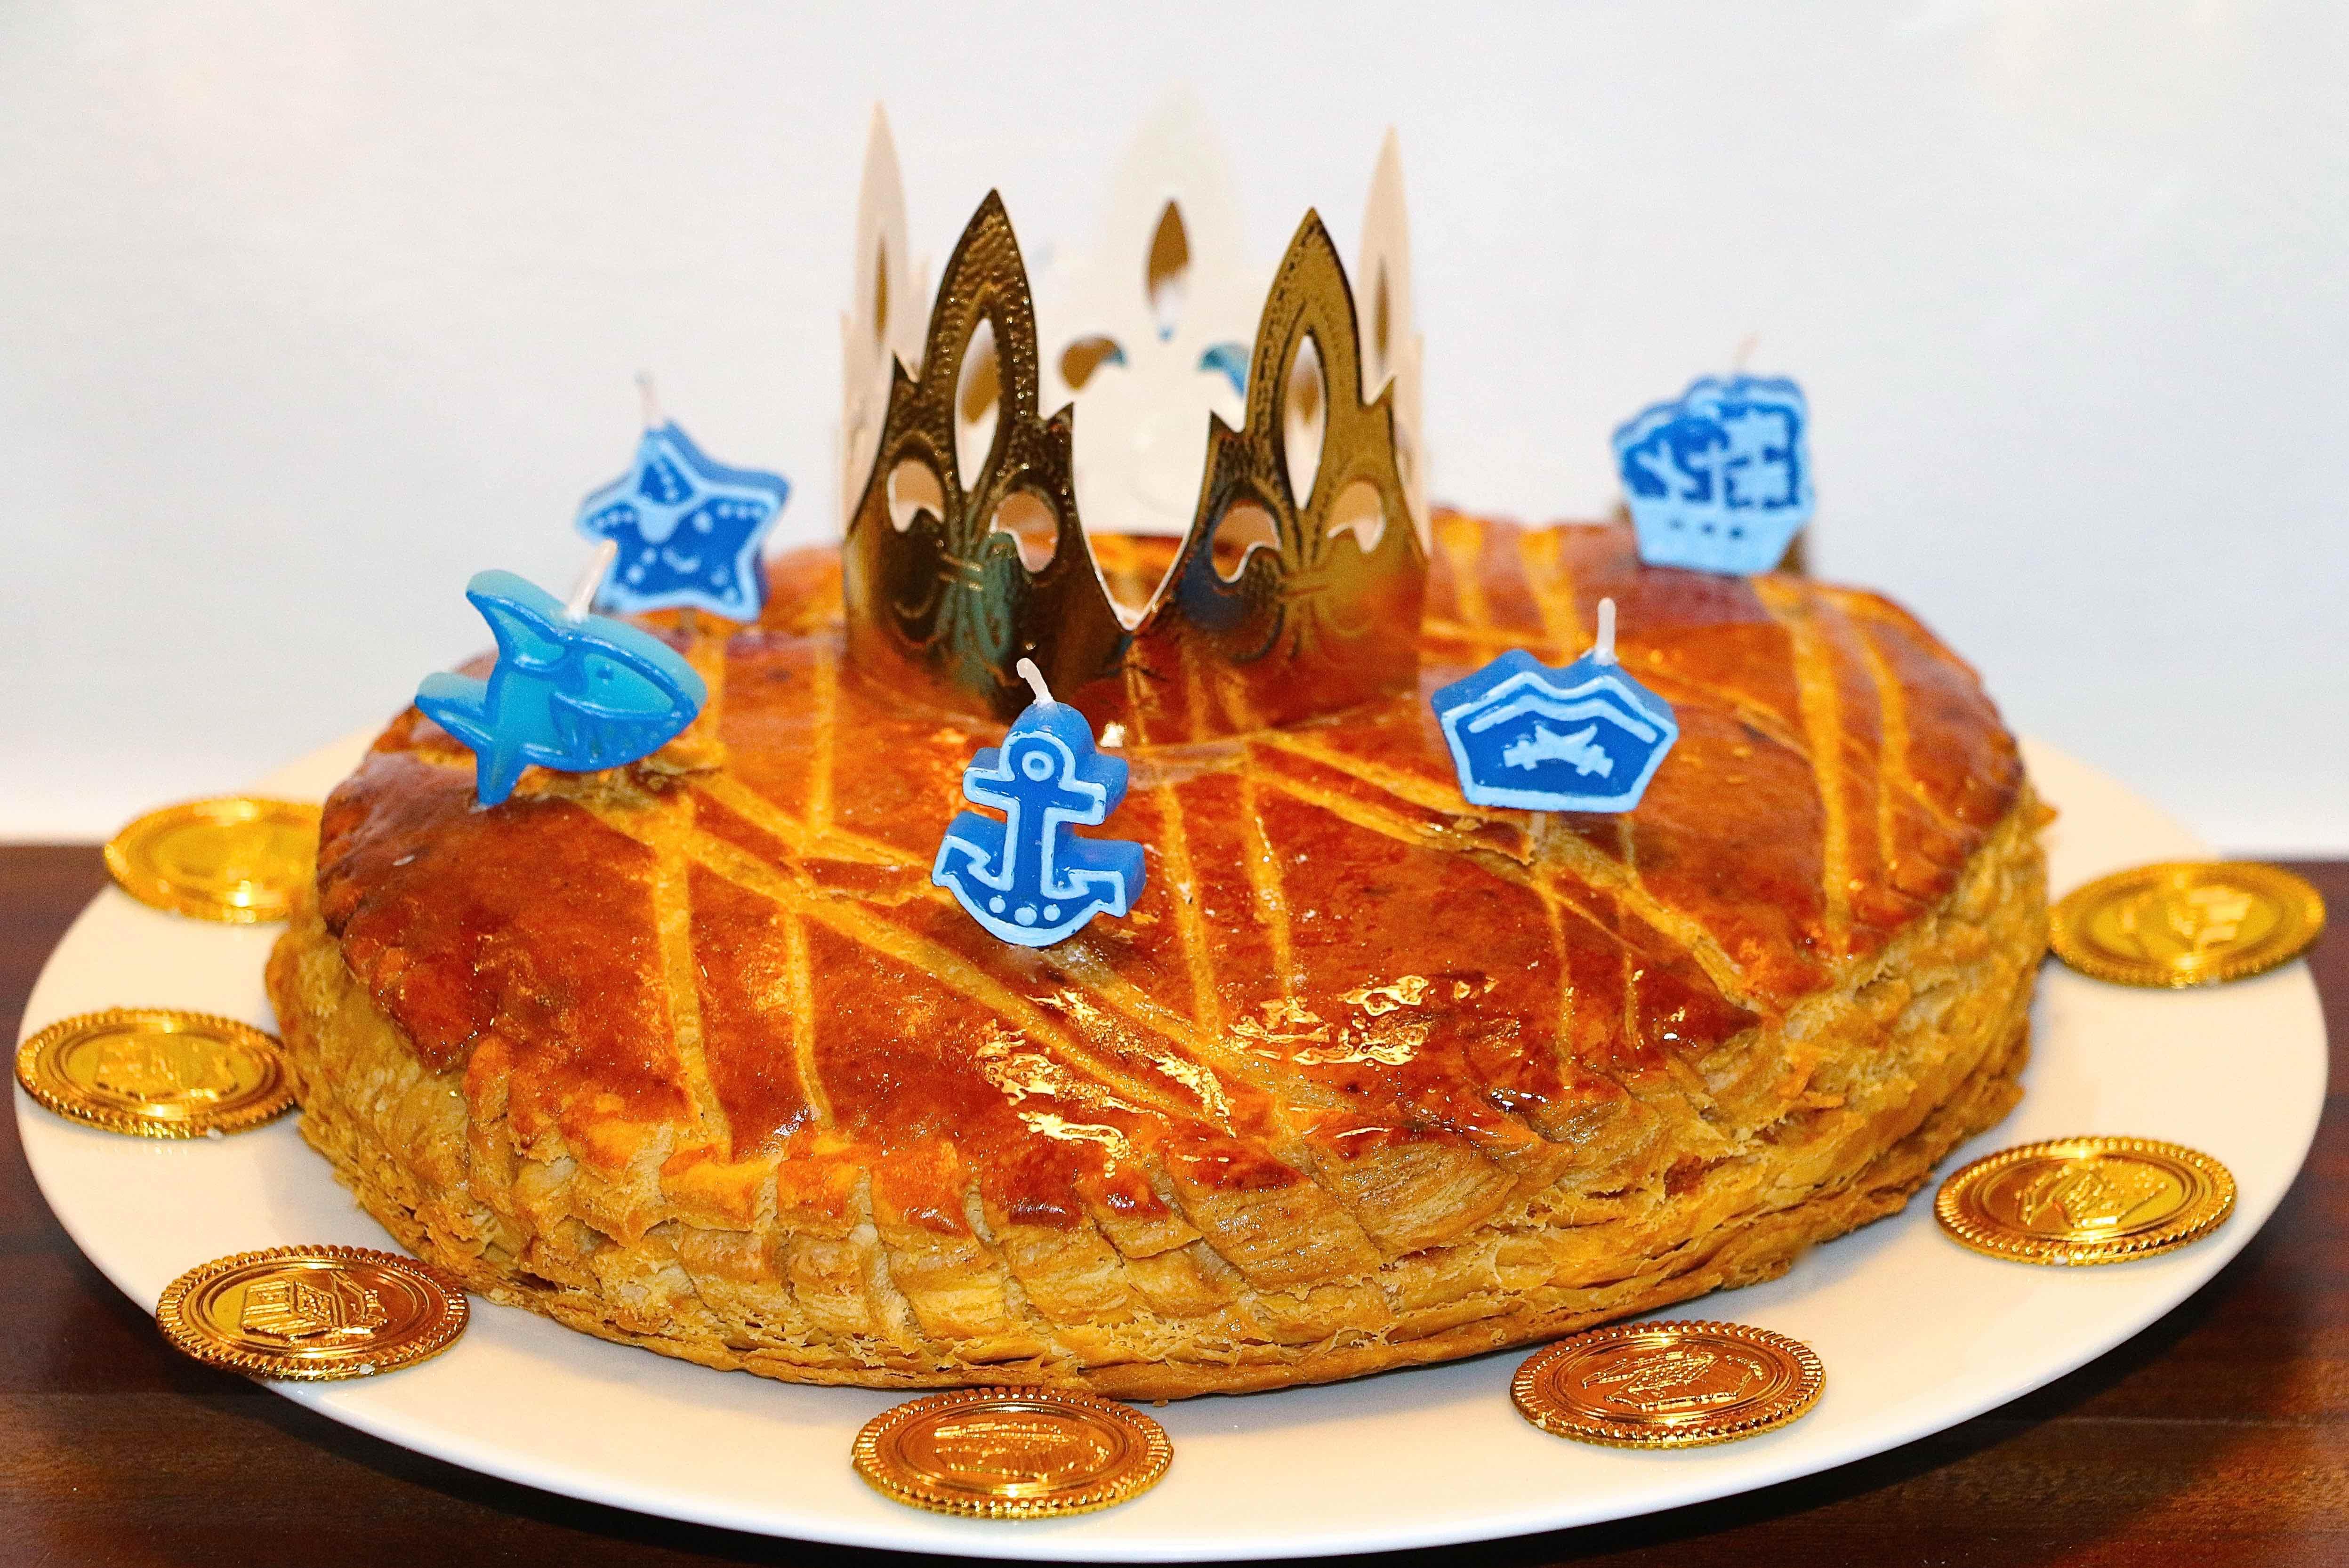 Comment faire une galette d 39 anniversaire la f e des f tes - Decor galette des rois ...